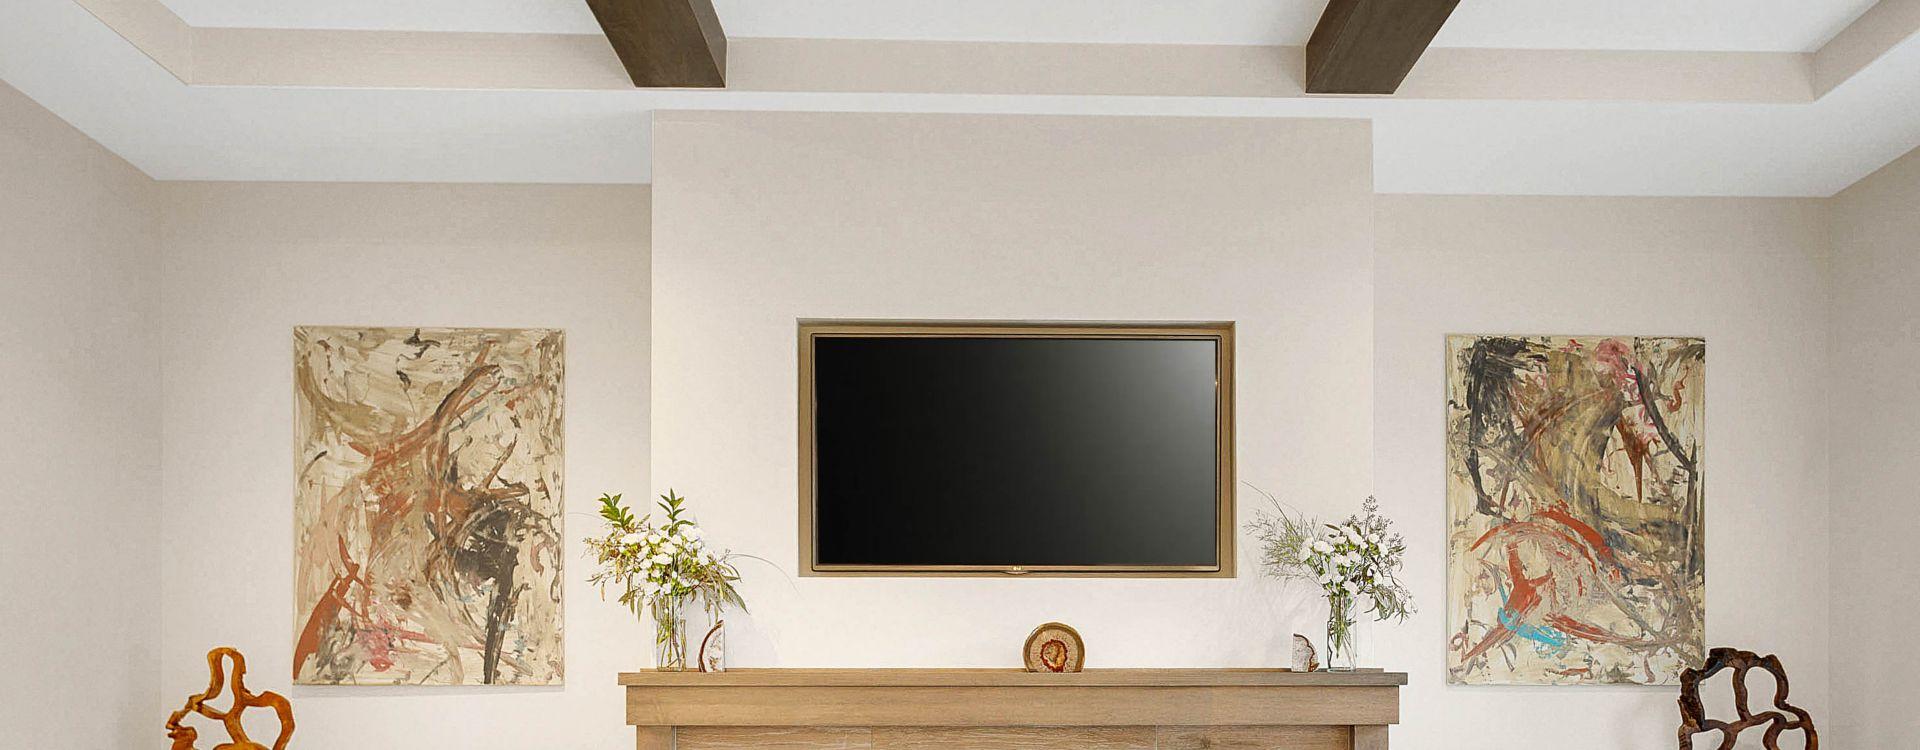 Fireplace Tile Designs Trends Ideas The Tile Shop